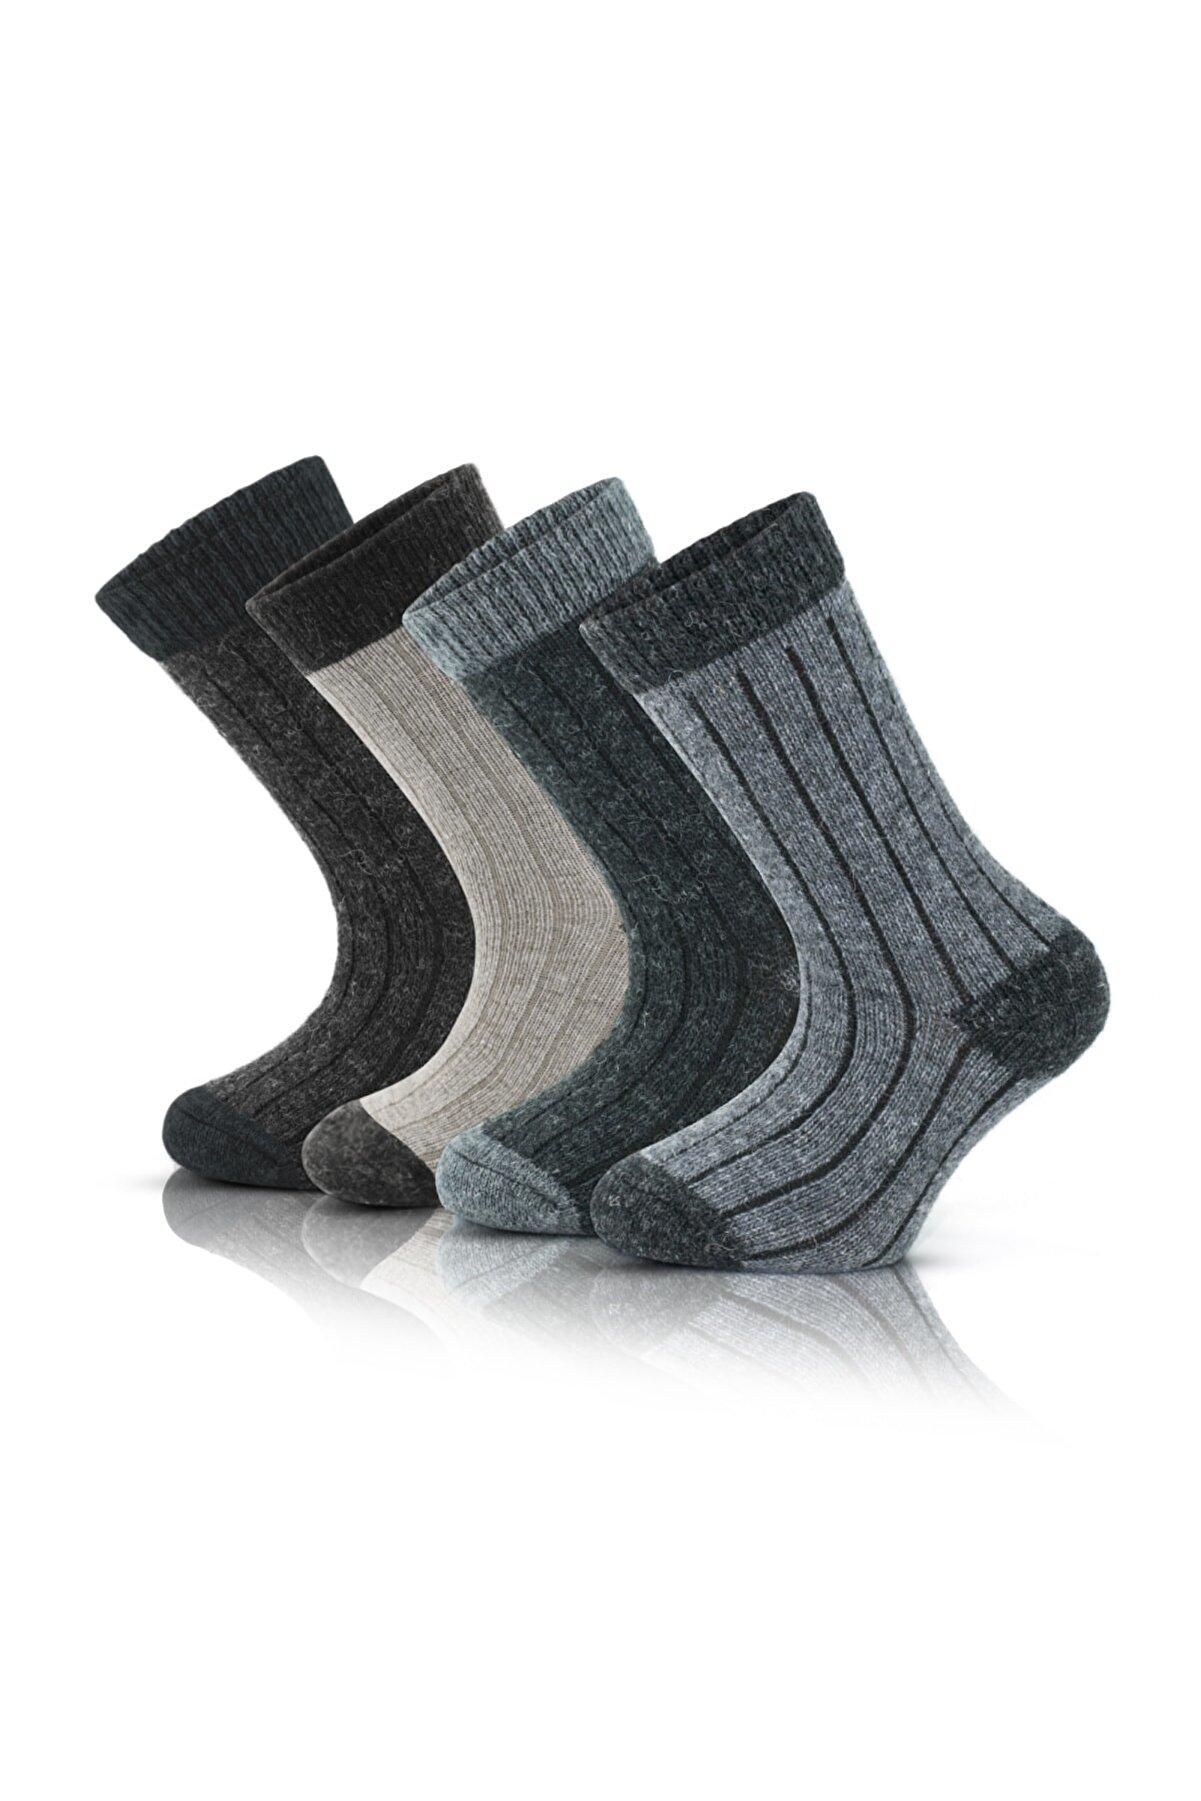 Go With GoWith 4'lü Alpaka Yünlü Yumuşak Yıkamalı Renkli Sağlıklı Kışlık Termal Çocuk Çorabı 1096